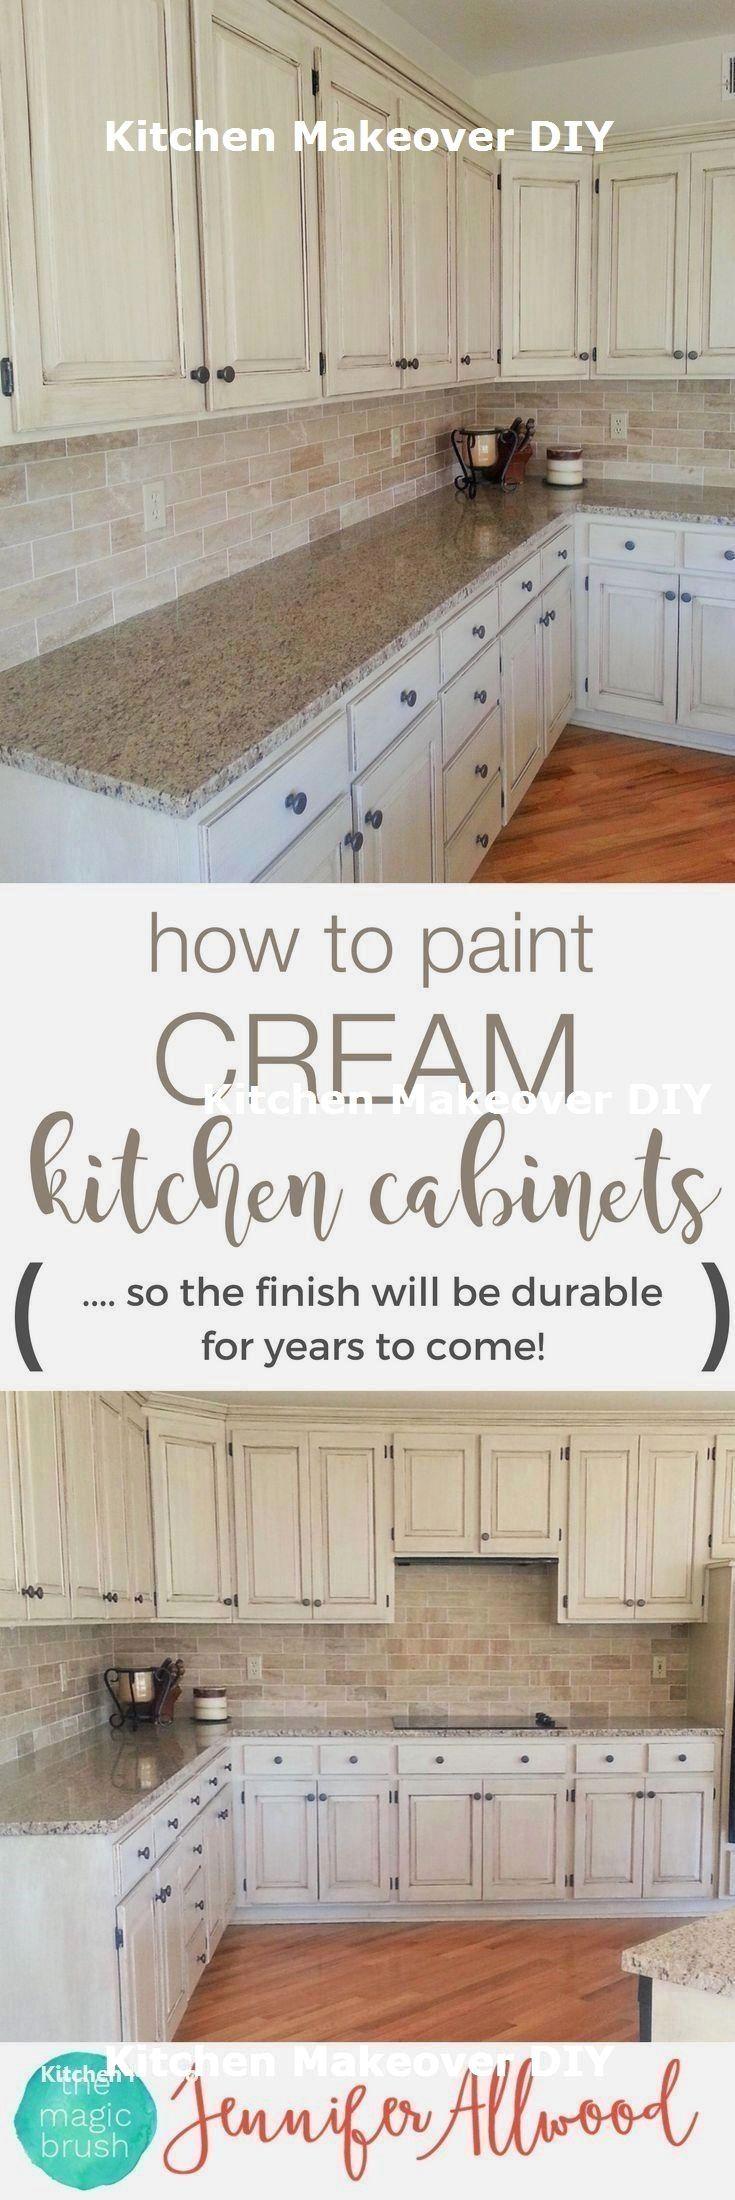 11 Diy Ideas For Kitchen Makeover 3 Cheap Kitchen Makeover Cream Kitchen Cabinets Cheap Kitchen Cabinets